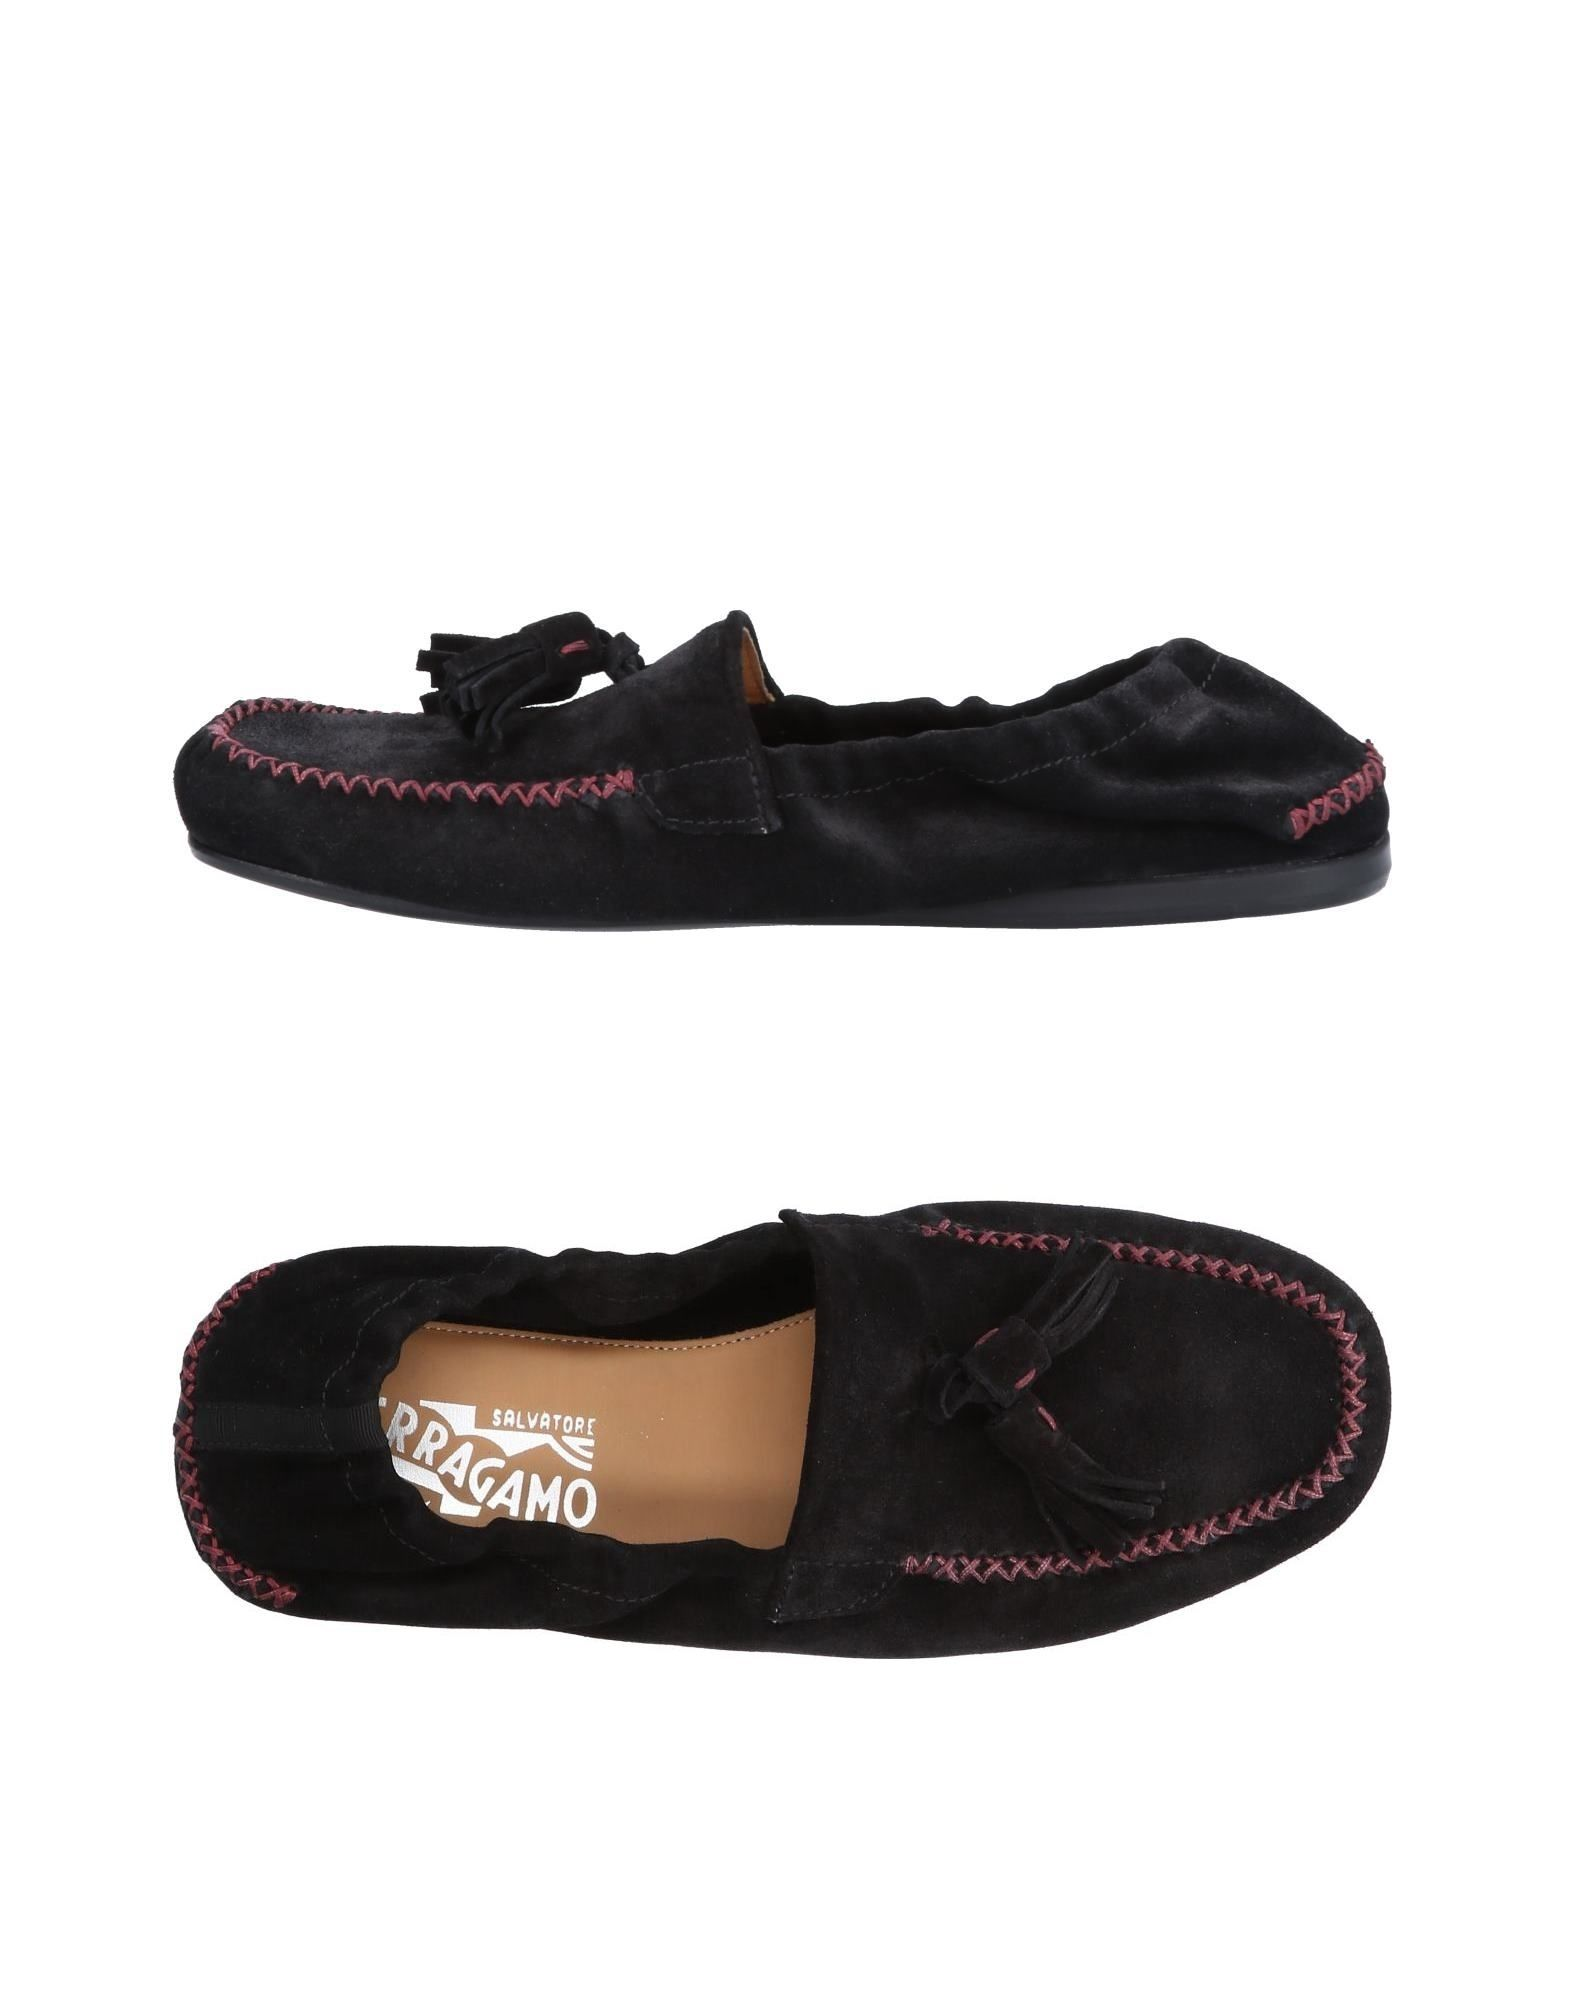 Salvatore Ferragamo Mokassins Herren  11498064AX Gute Qualität beliebte Schuhe